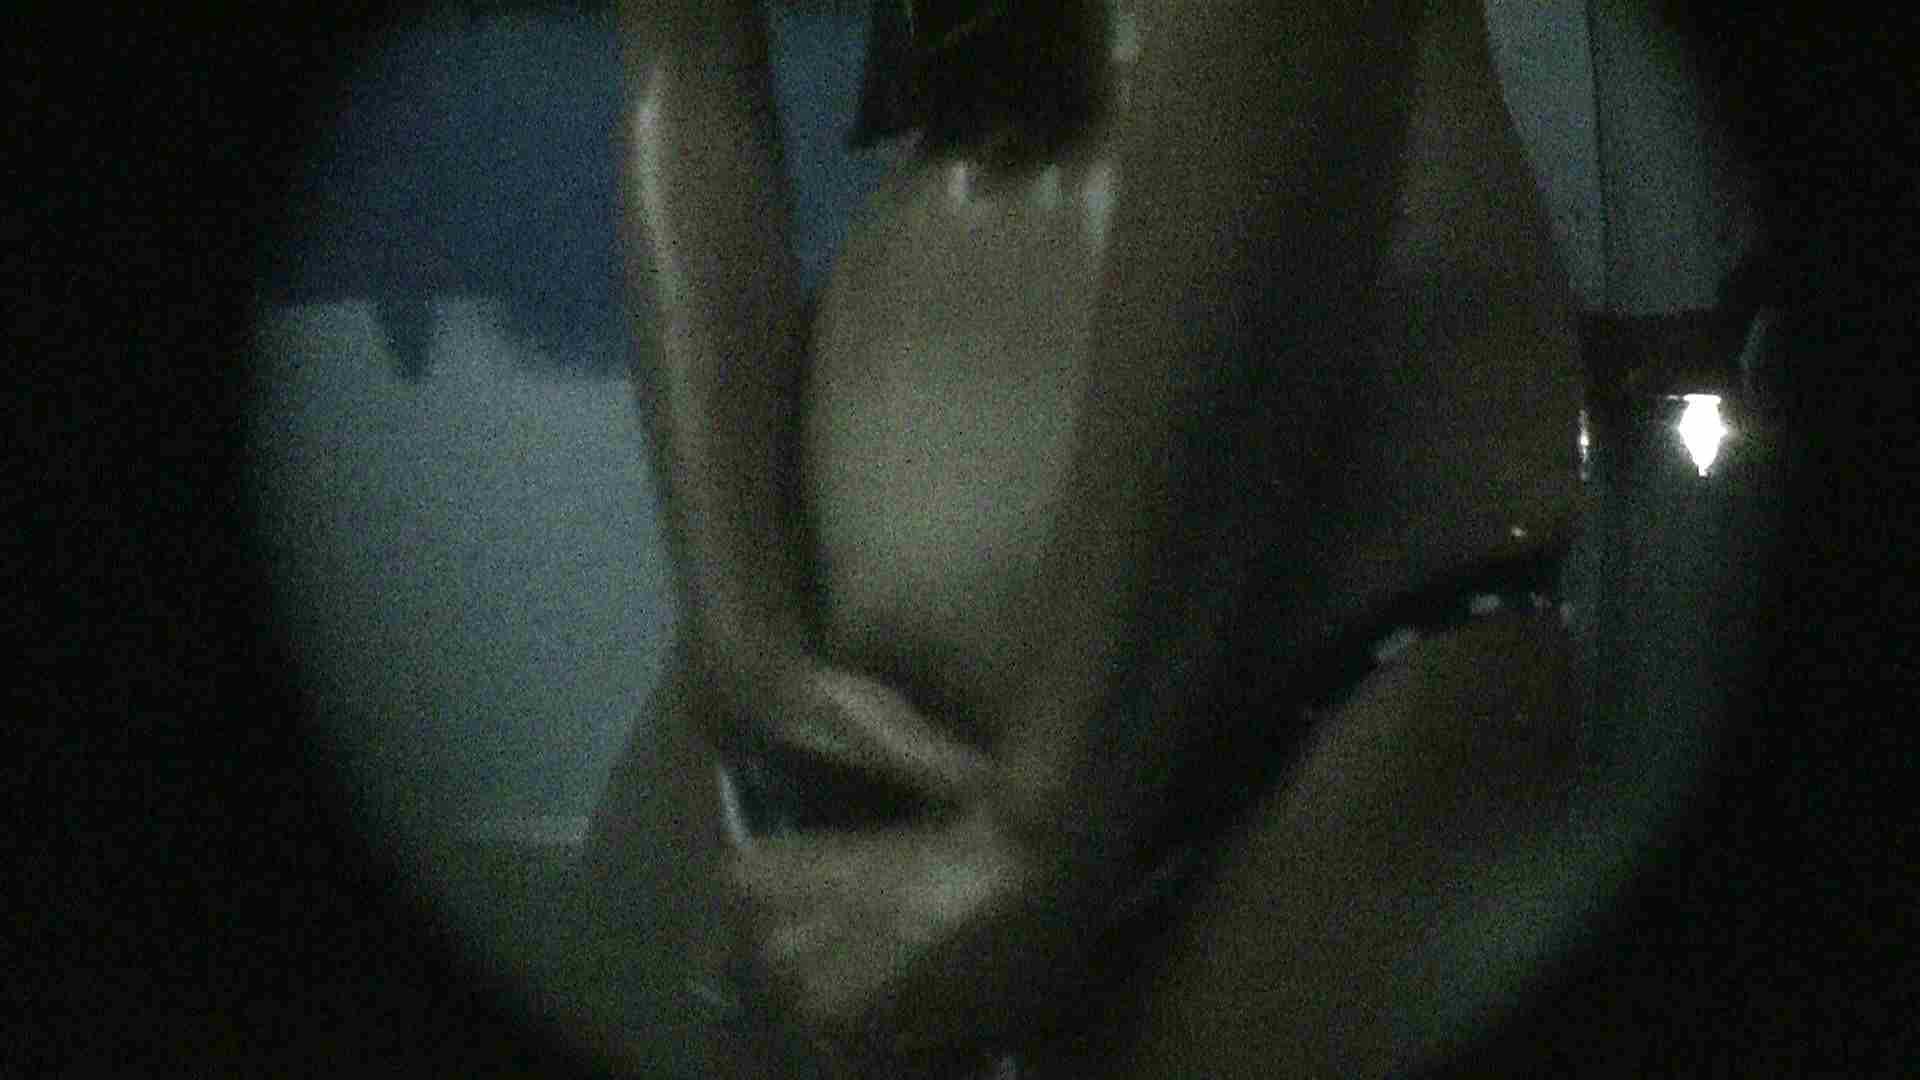 NO.13 暗いですが豪快な砂落としが好印象 シャワー室 セックス画像 107連発 14